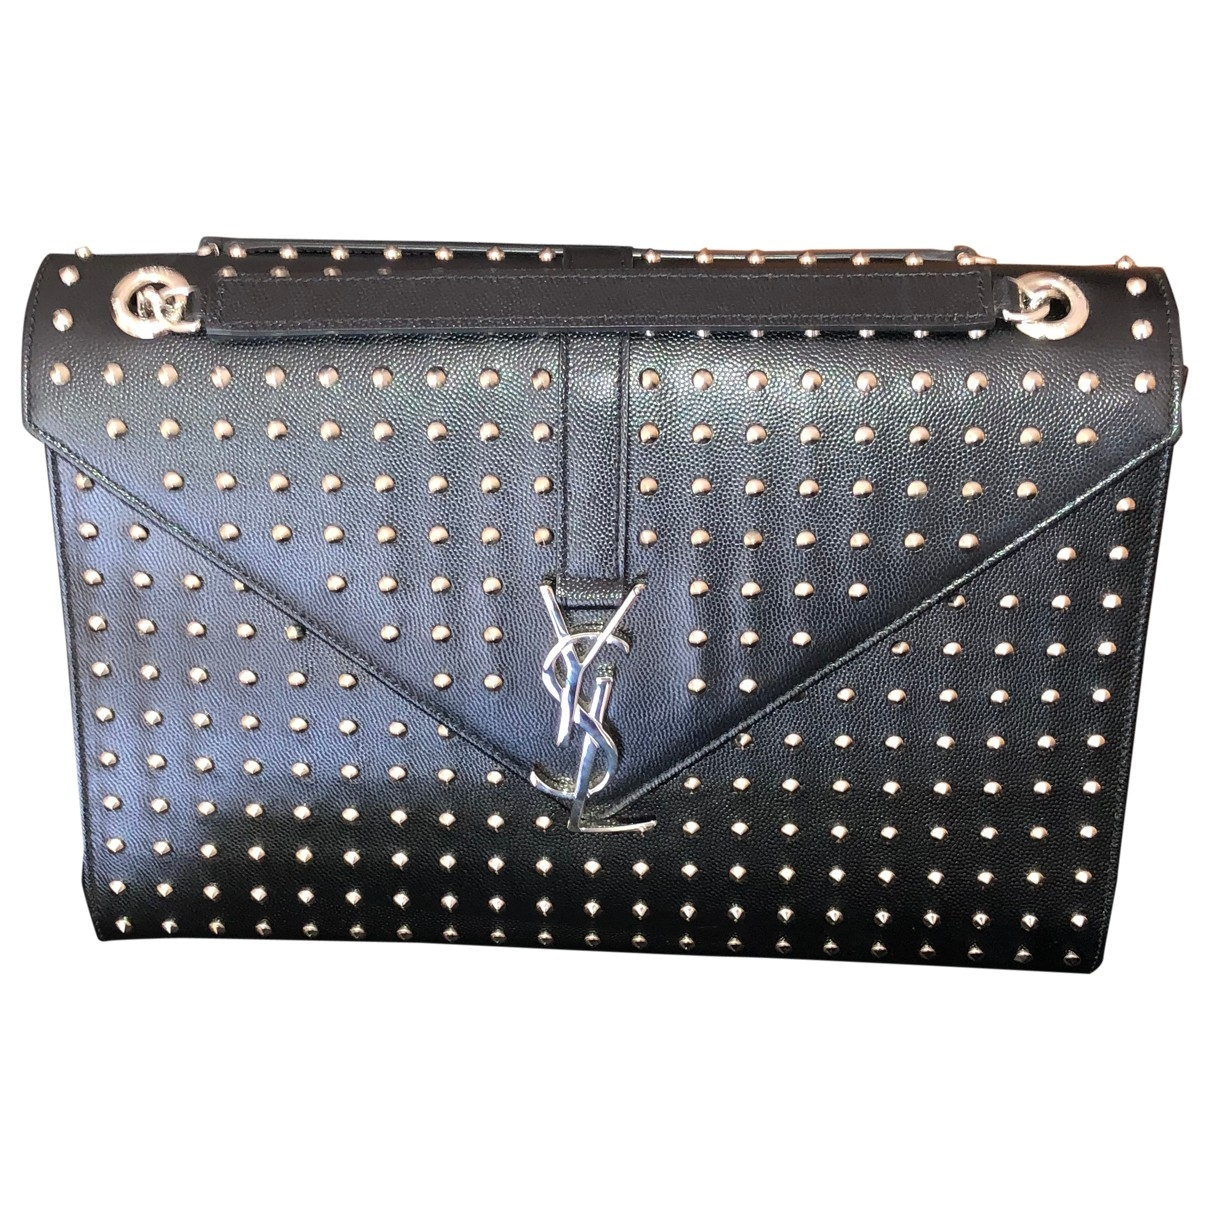 Saint Laurent Satchel monogramme Handtasche in  Schwarz Leder